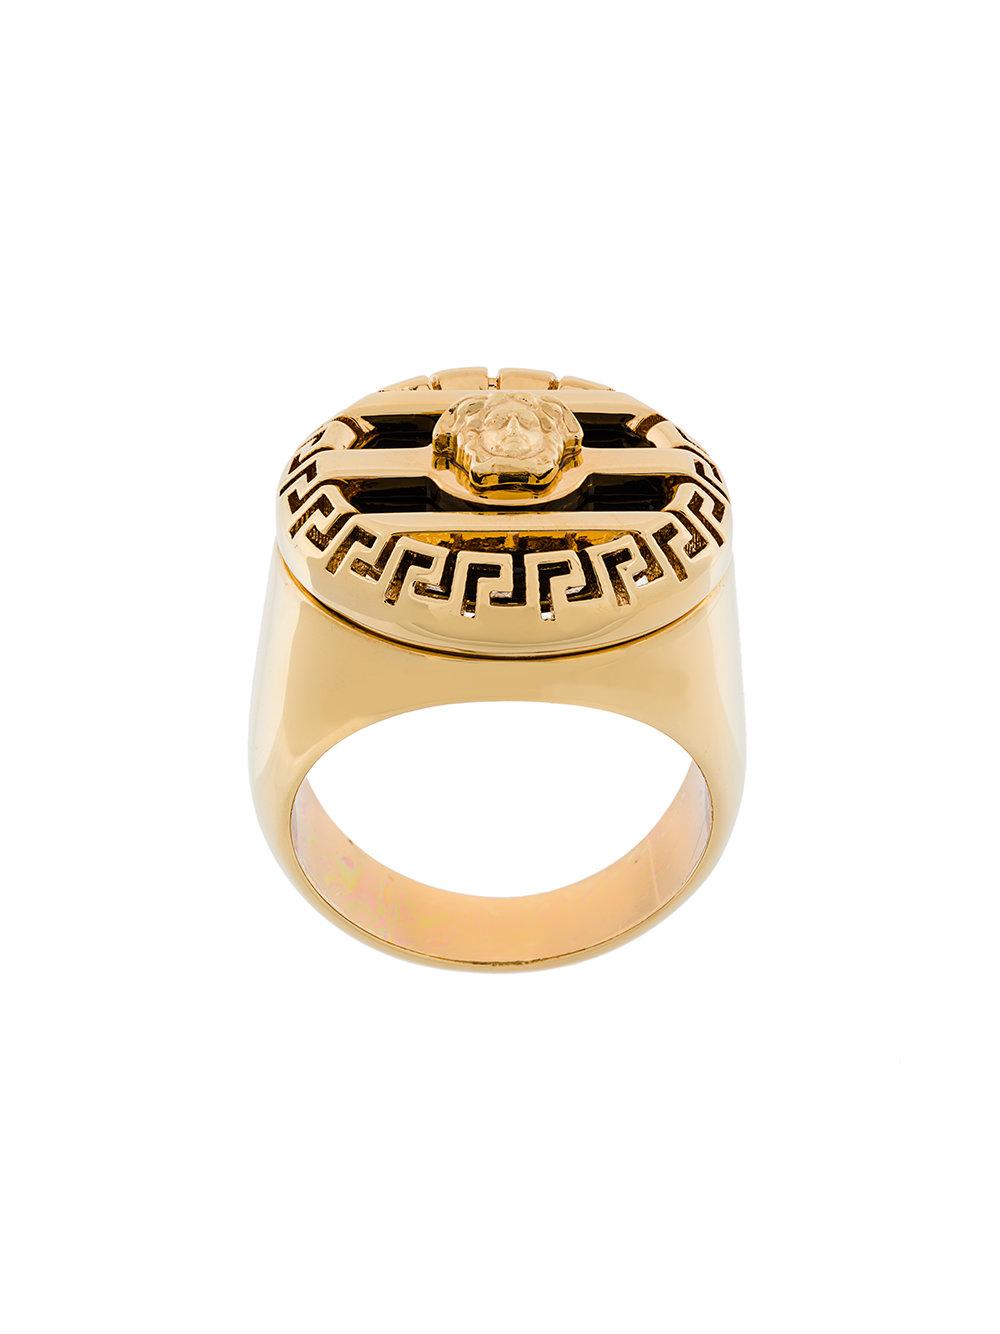 9348a795bb8a Acheter bijoux versace pas cher pas cher en ligne avec le prix direct  d usine. 48% de rabais sur tout achat!